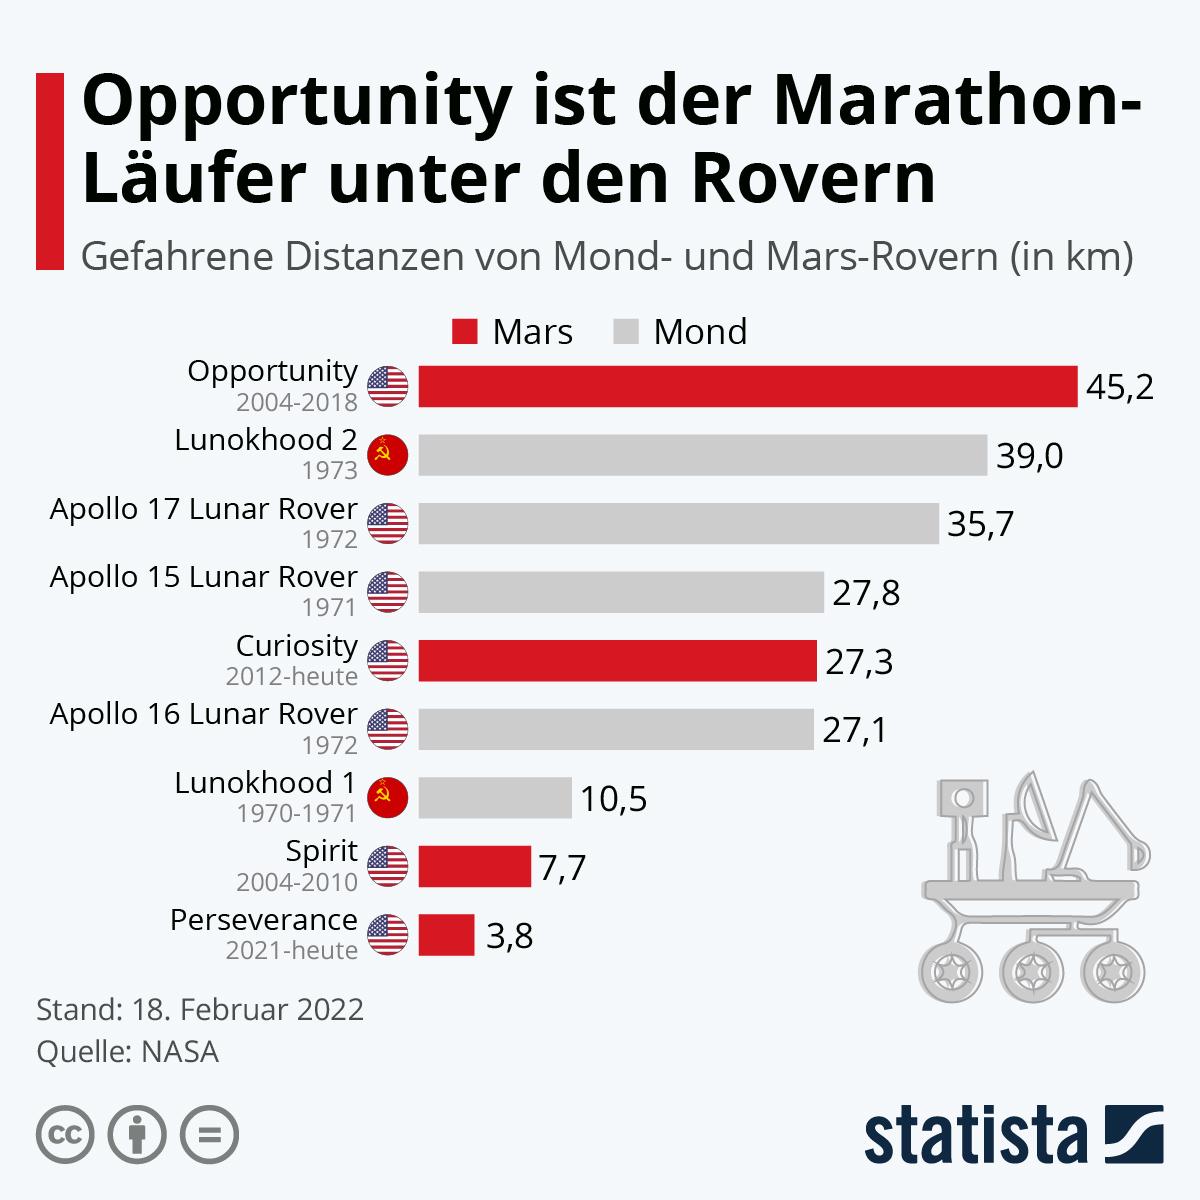 Infografik: Opportunity ist der Marathon-Läufer unter den Rovern | Statista